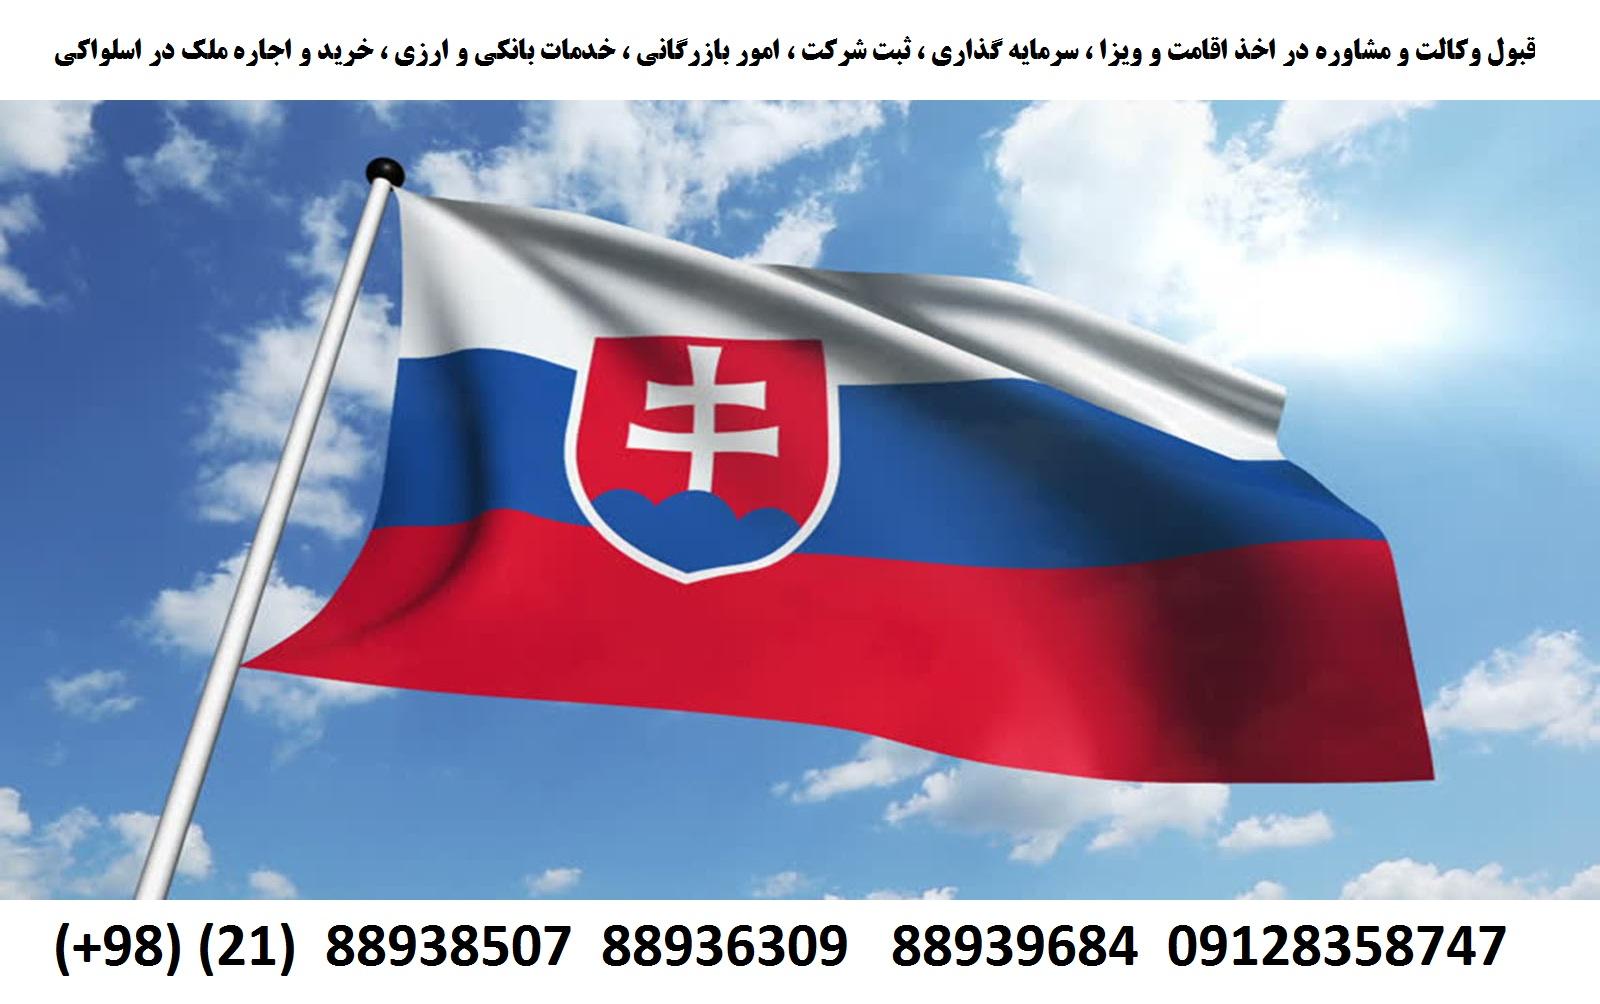 اقامت ، اخذ ویزا ، ثبت شرکت ، سرمایه گذاری در اسلواکی (1)